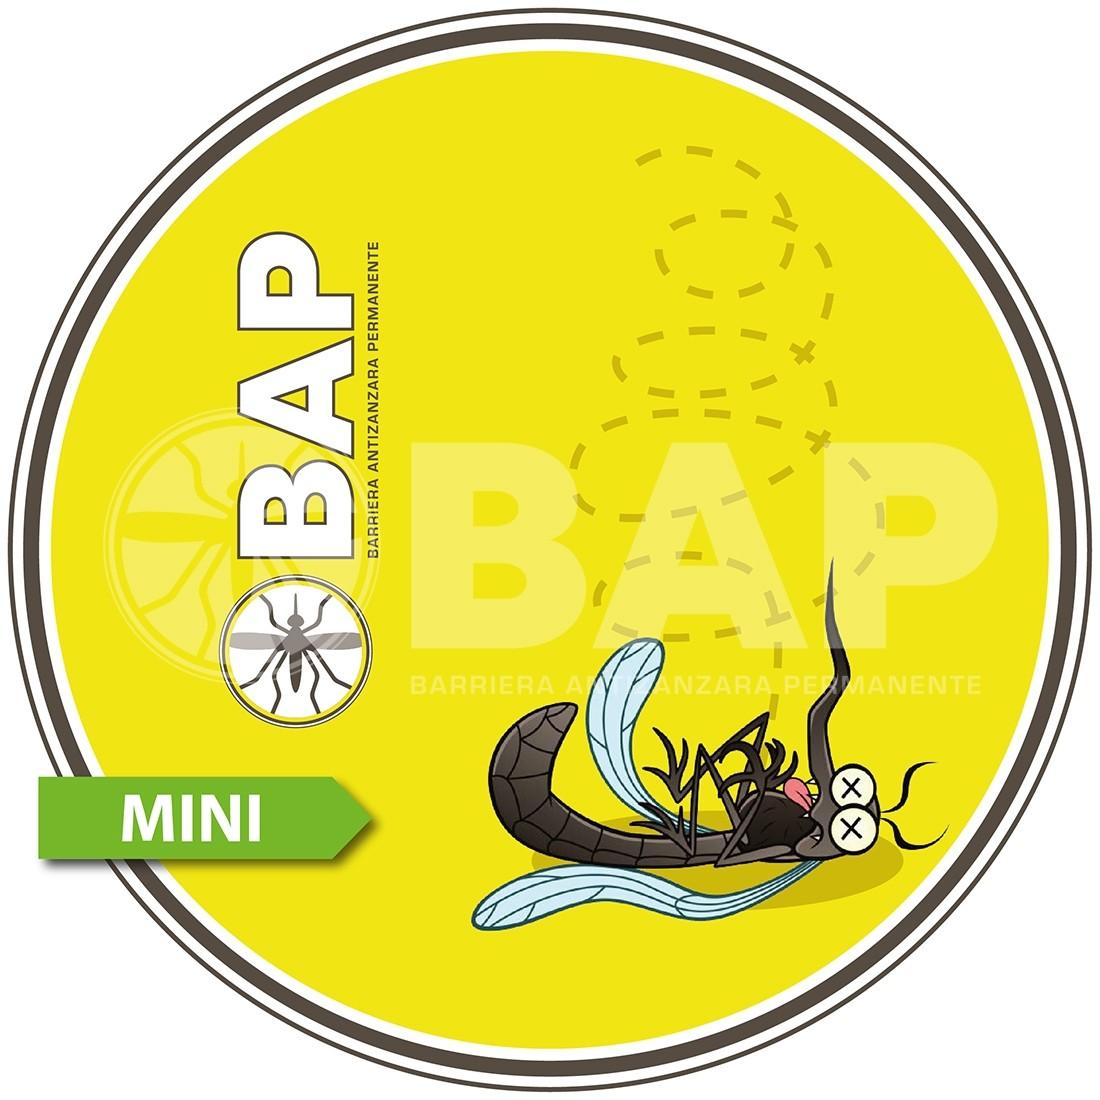 Cambiocaldaiaonline.it BAP miniBAP (no zanzariera) BARRIERA ANTIZANZARE PERMANENTE TERRAZZI/GIARDINI (fino a 1000mq) kit base fornito in opera* incluso 1 anno di manutenzione Cod: MINIBAP-332